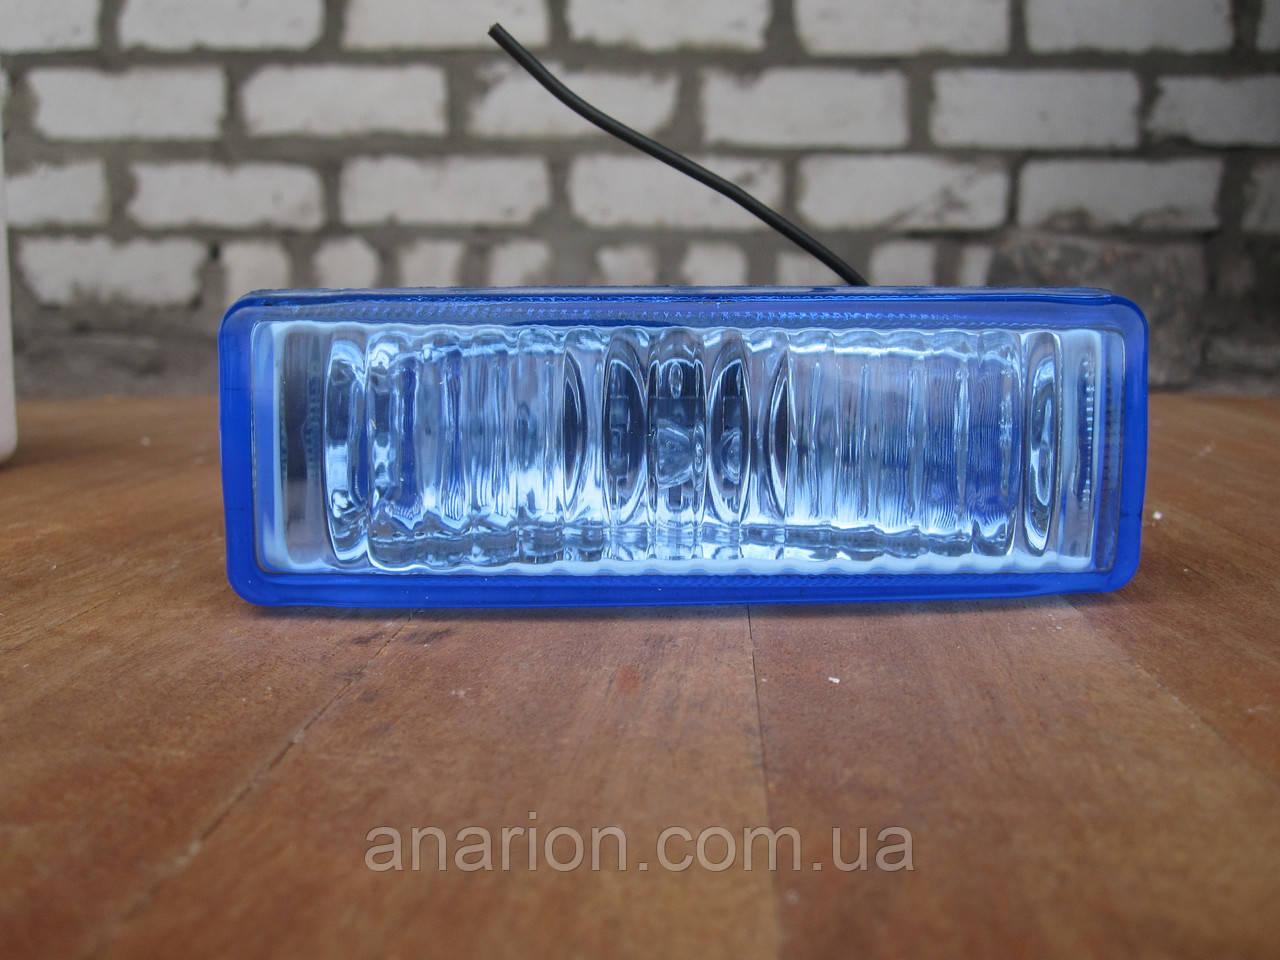 Противотуманные фары  № 0202б (синие)